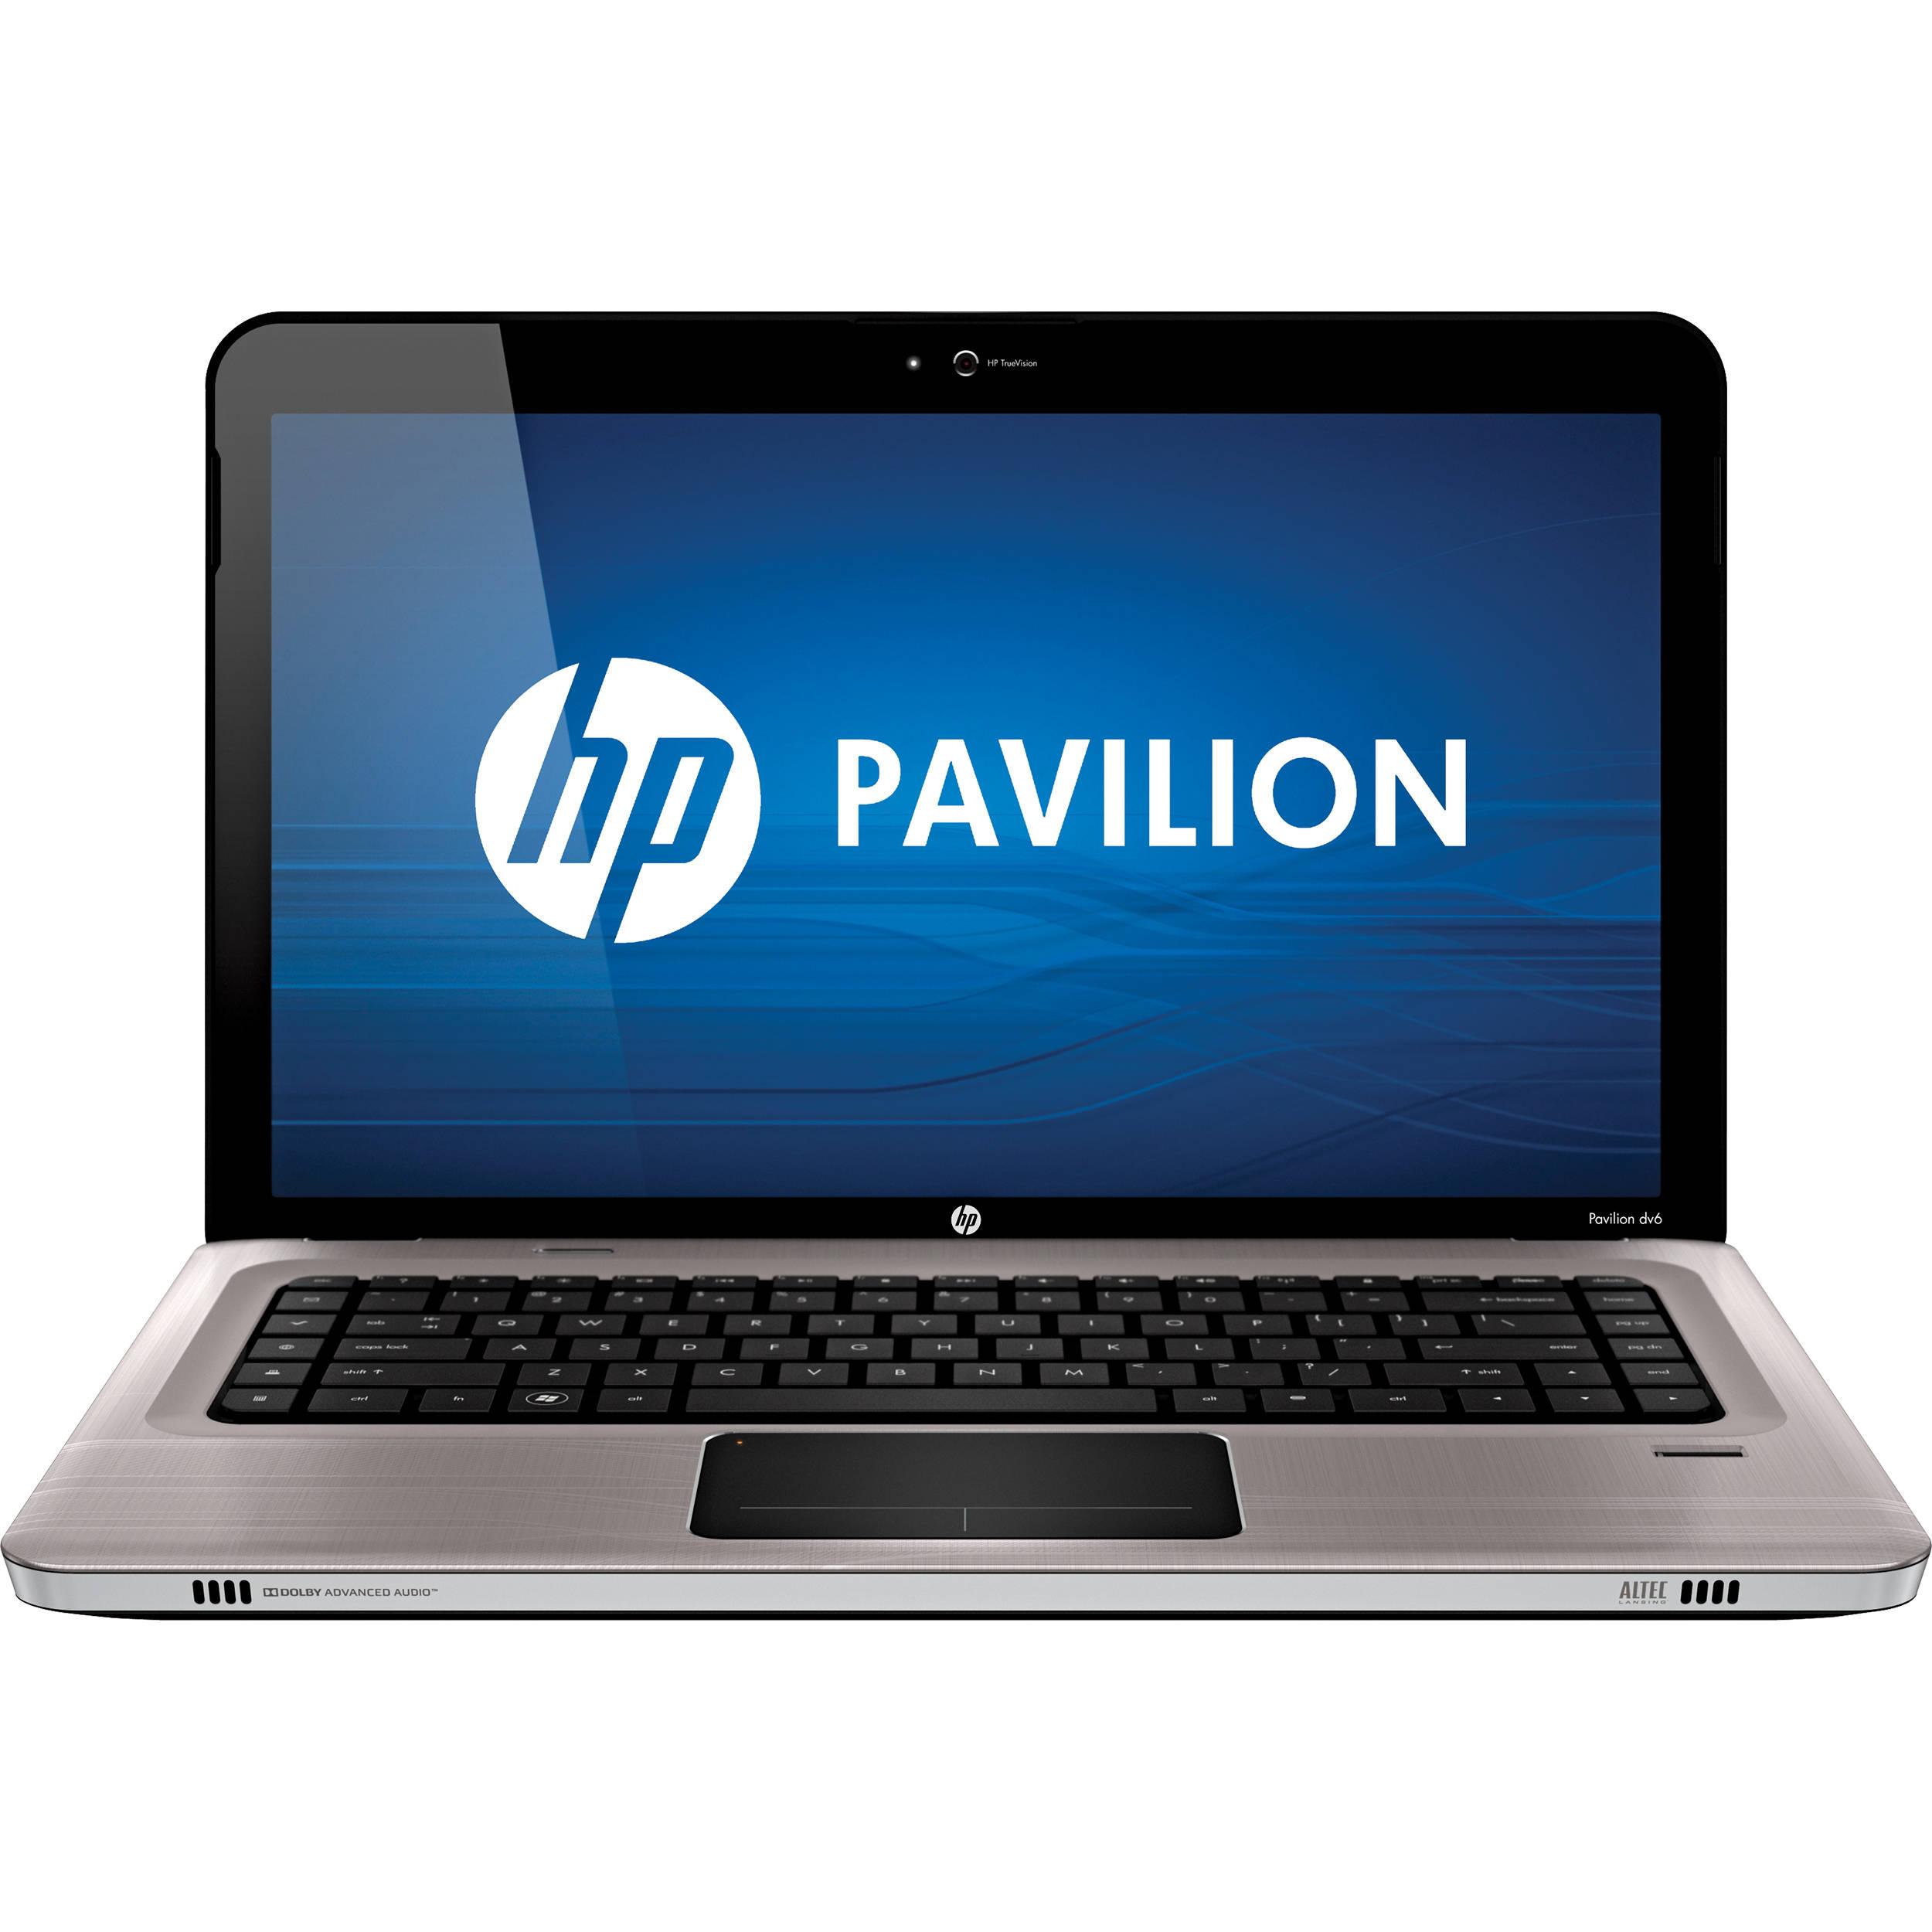 HP PAVILION DV6 FINGERPRINT READER DRIVERS FOR WINDOWS 8